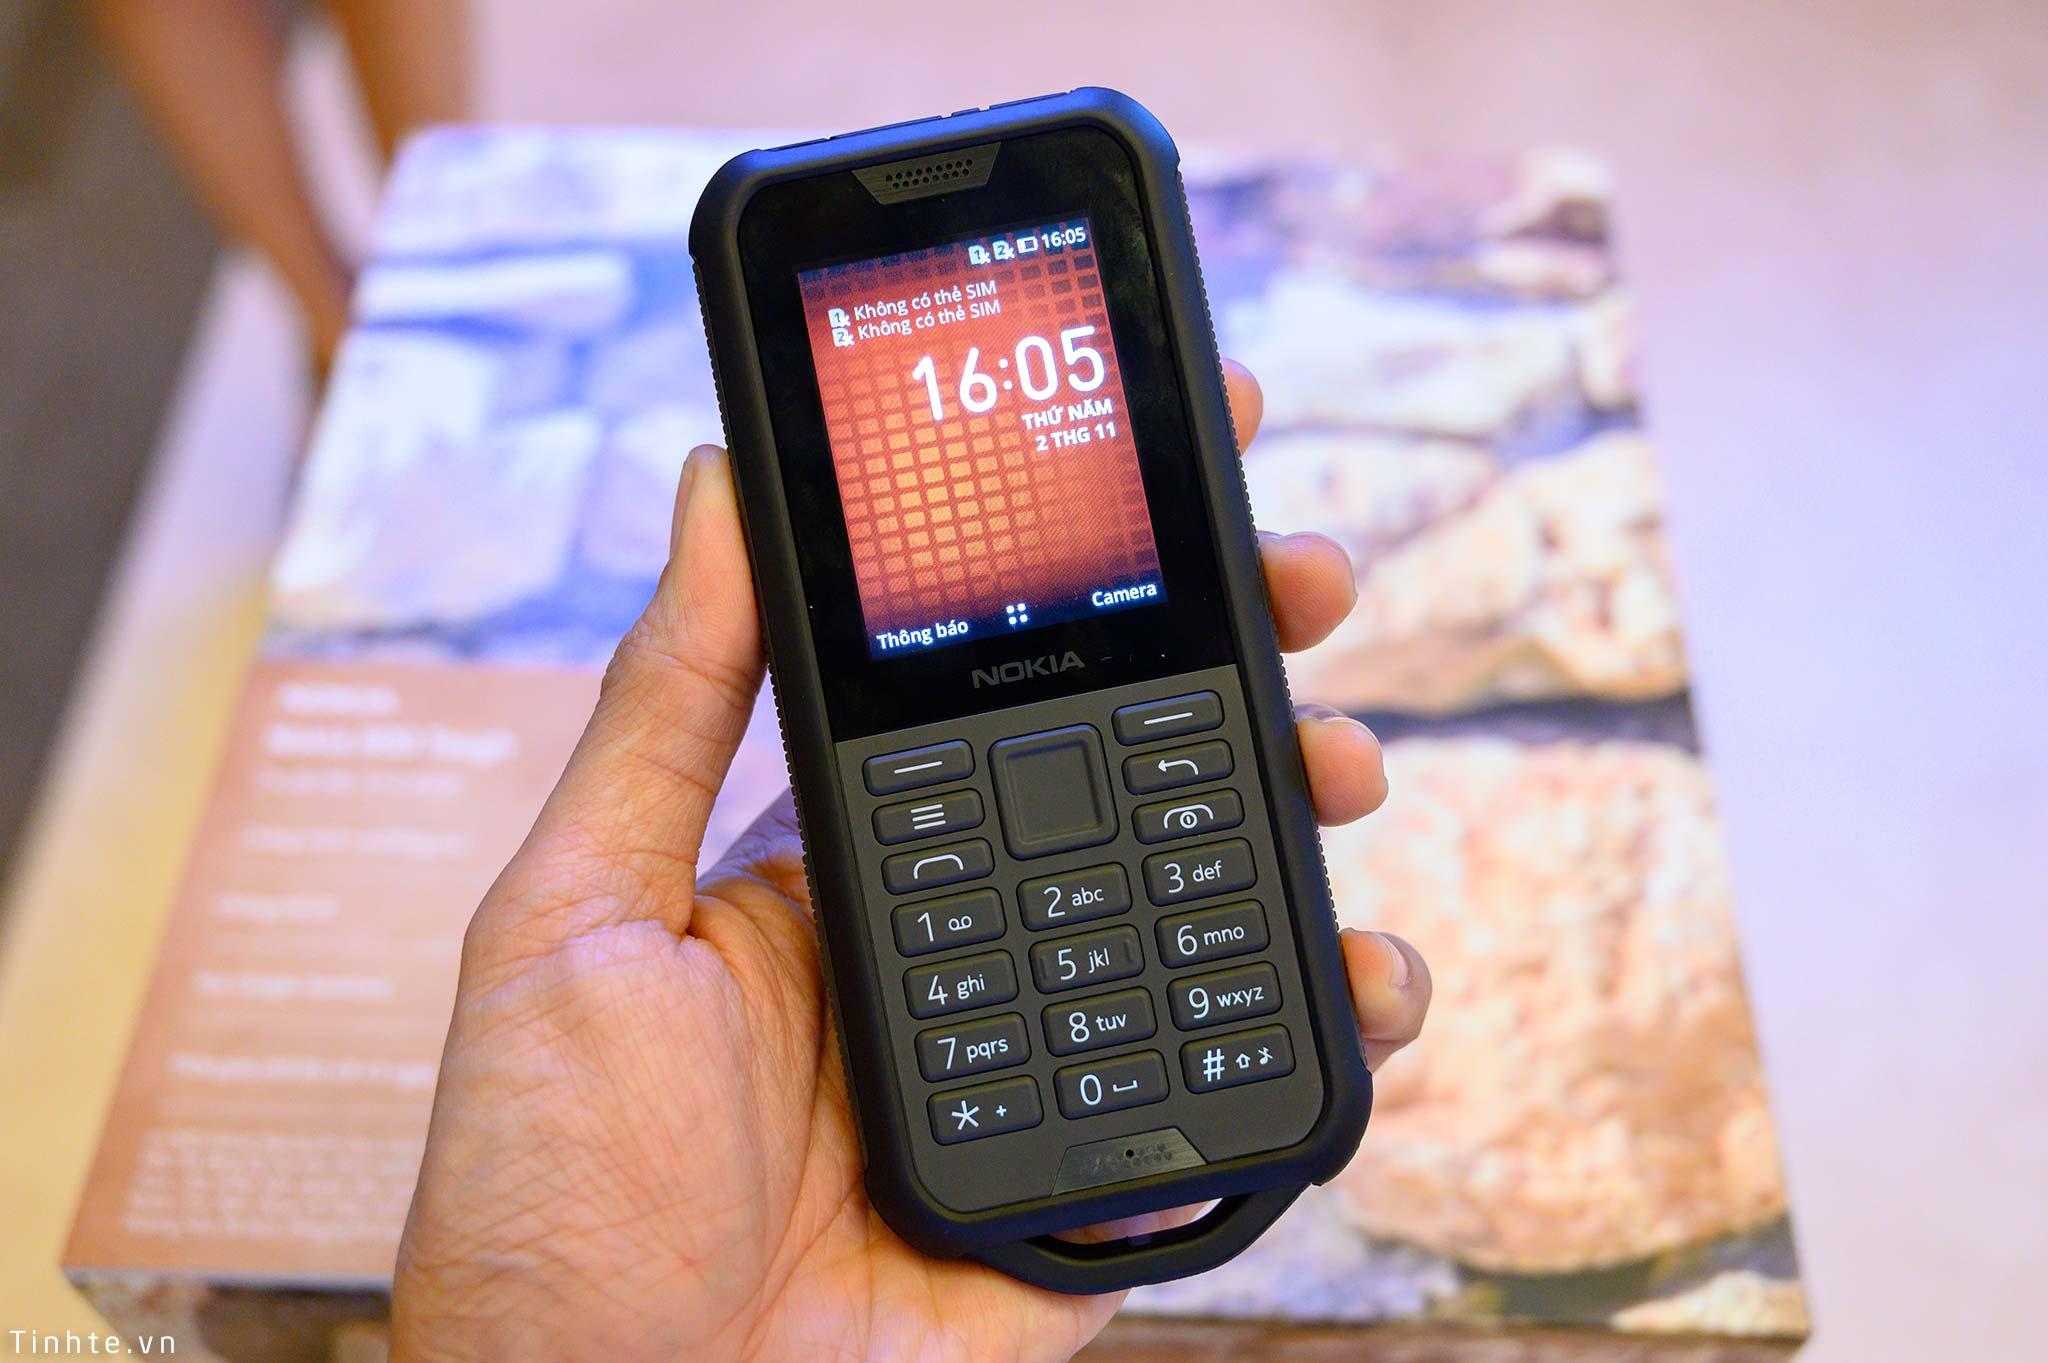 Nokia_800_Tough_tinhte_5.jpg